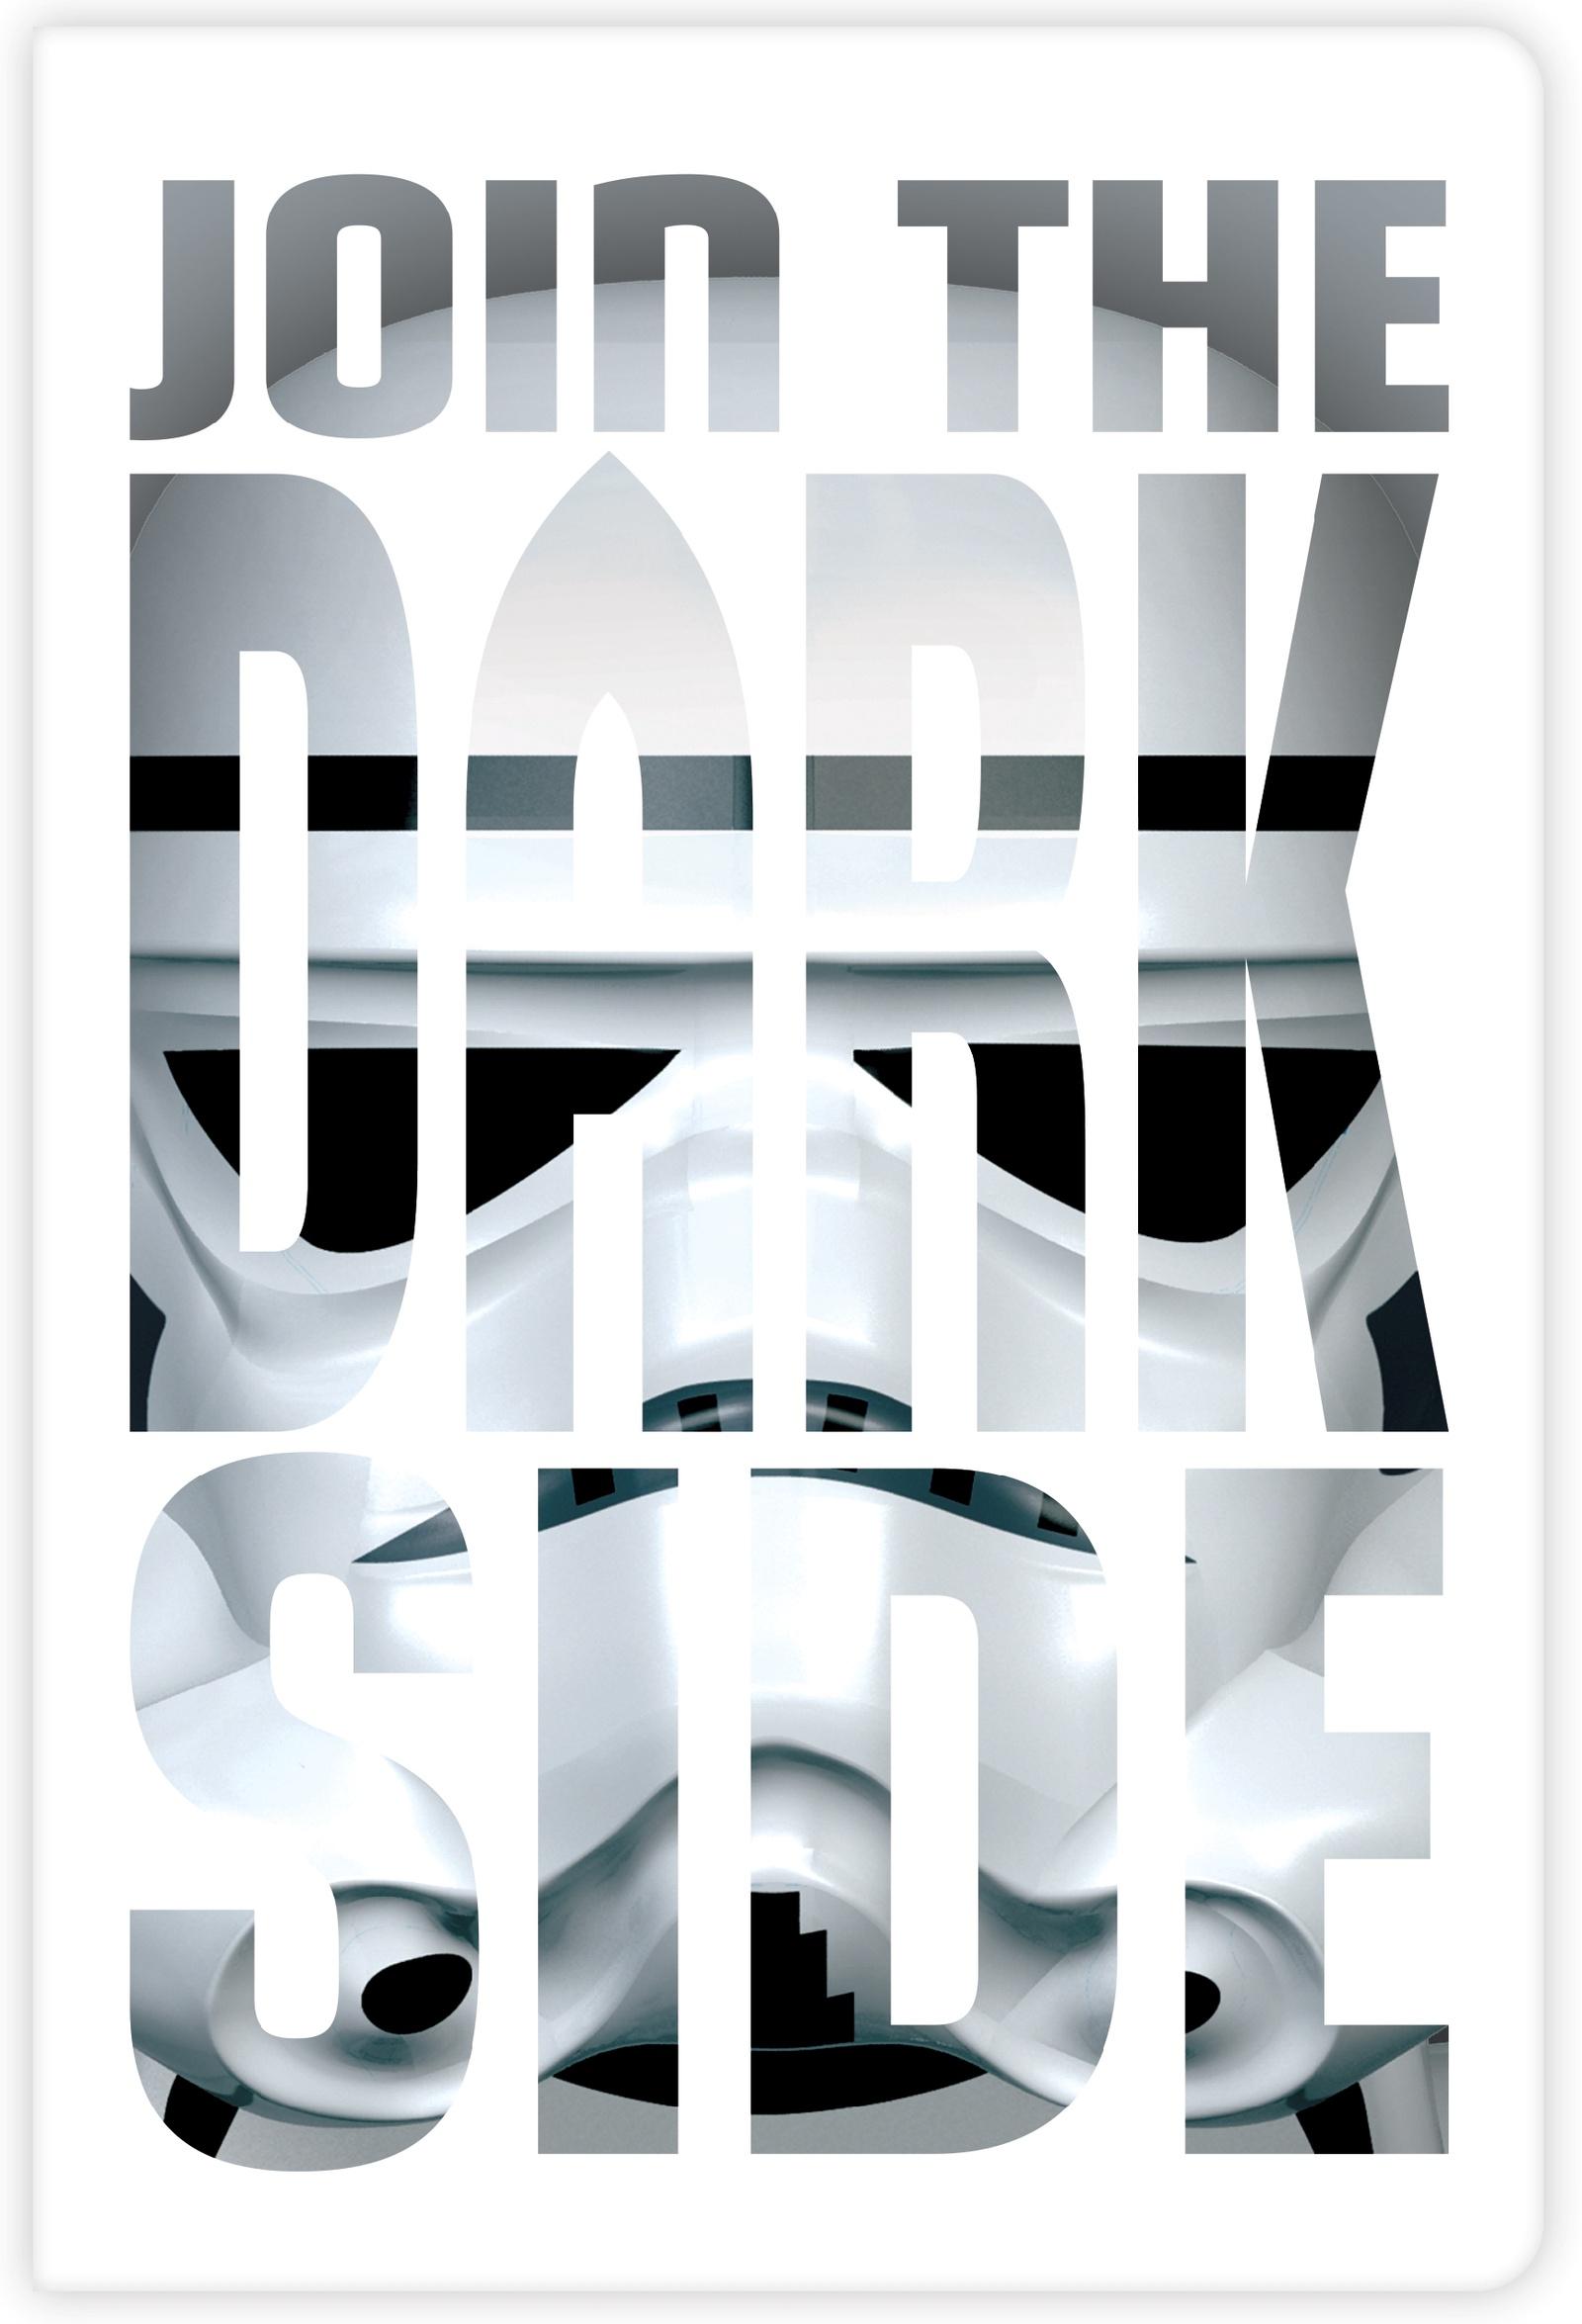 Записная книжка LEGO Star Wars (Звёздные Войны), 96